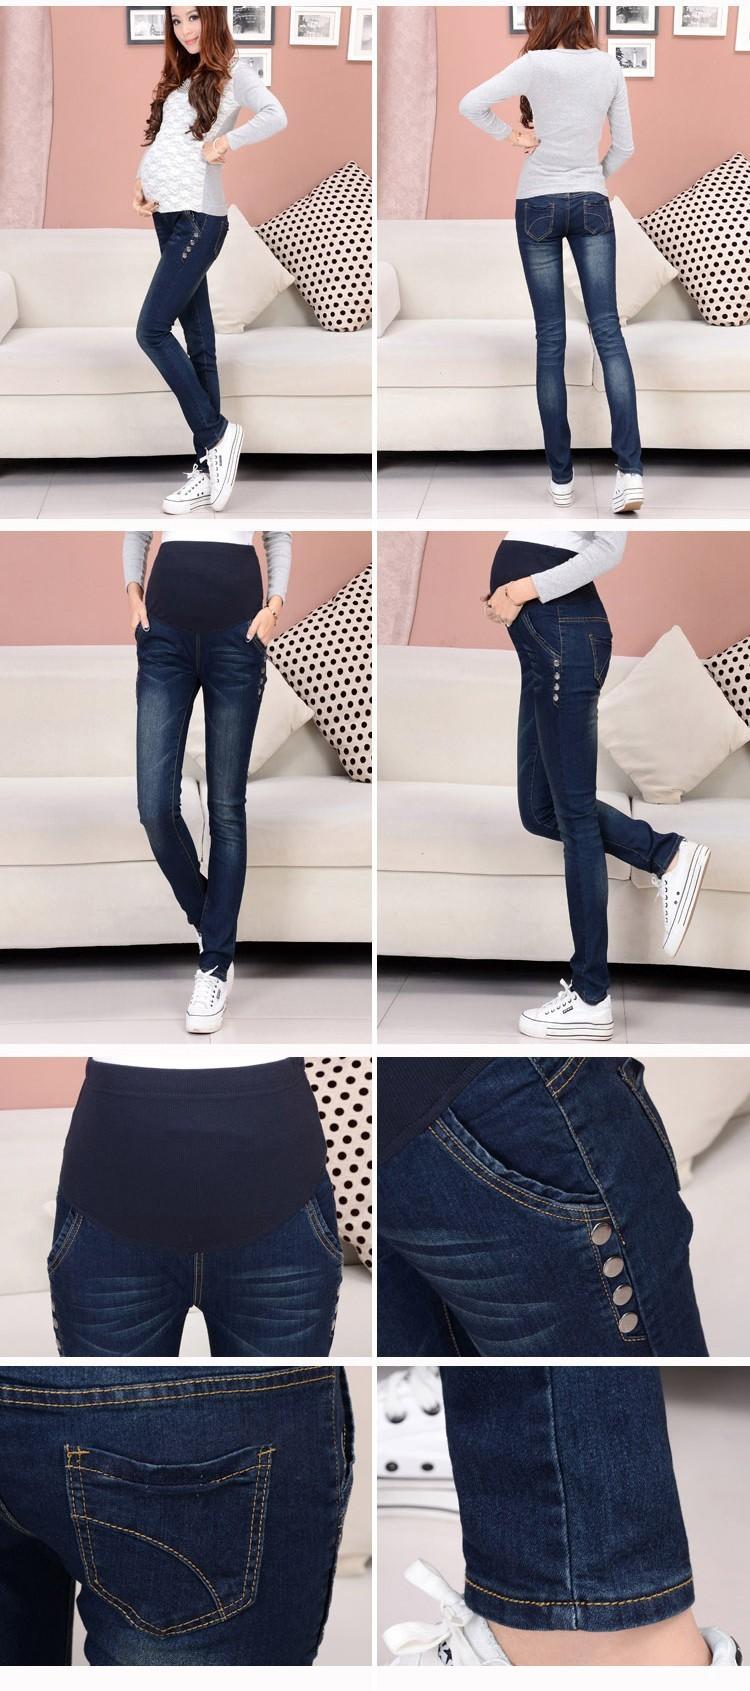 Spodnie Ciążowe jeansowe Spodnie Jeansowe Spodnie Dla Kobiet W Ciąży Ciąża Odzież Laktacja Ropa Para Embarazadas 2017 Ubrania Matki 11